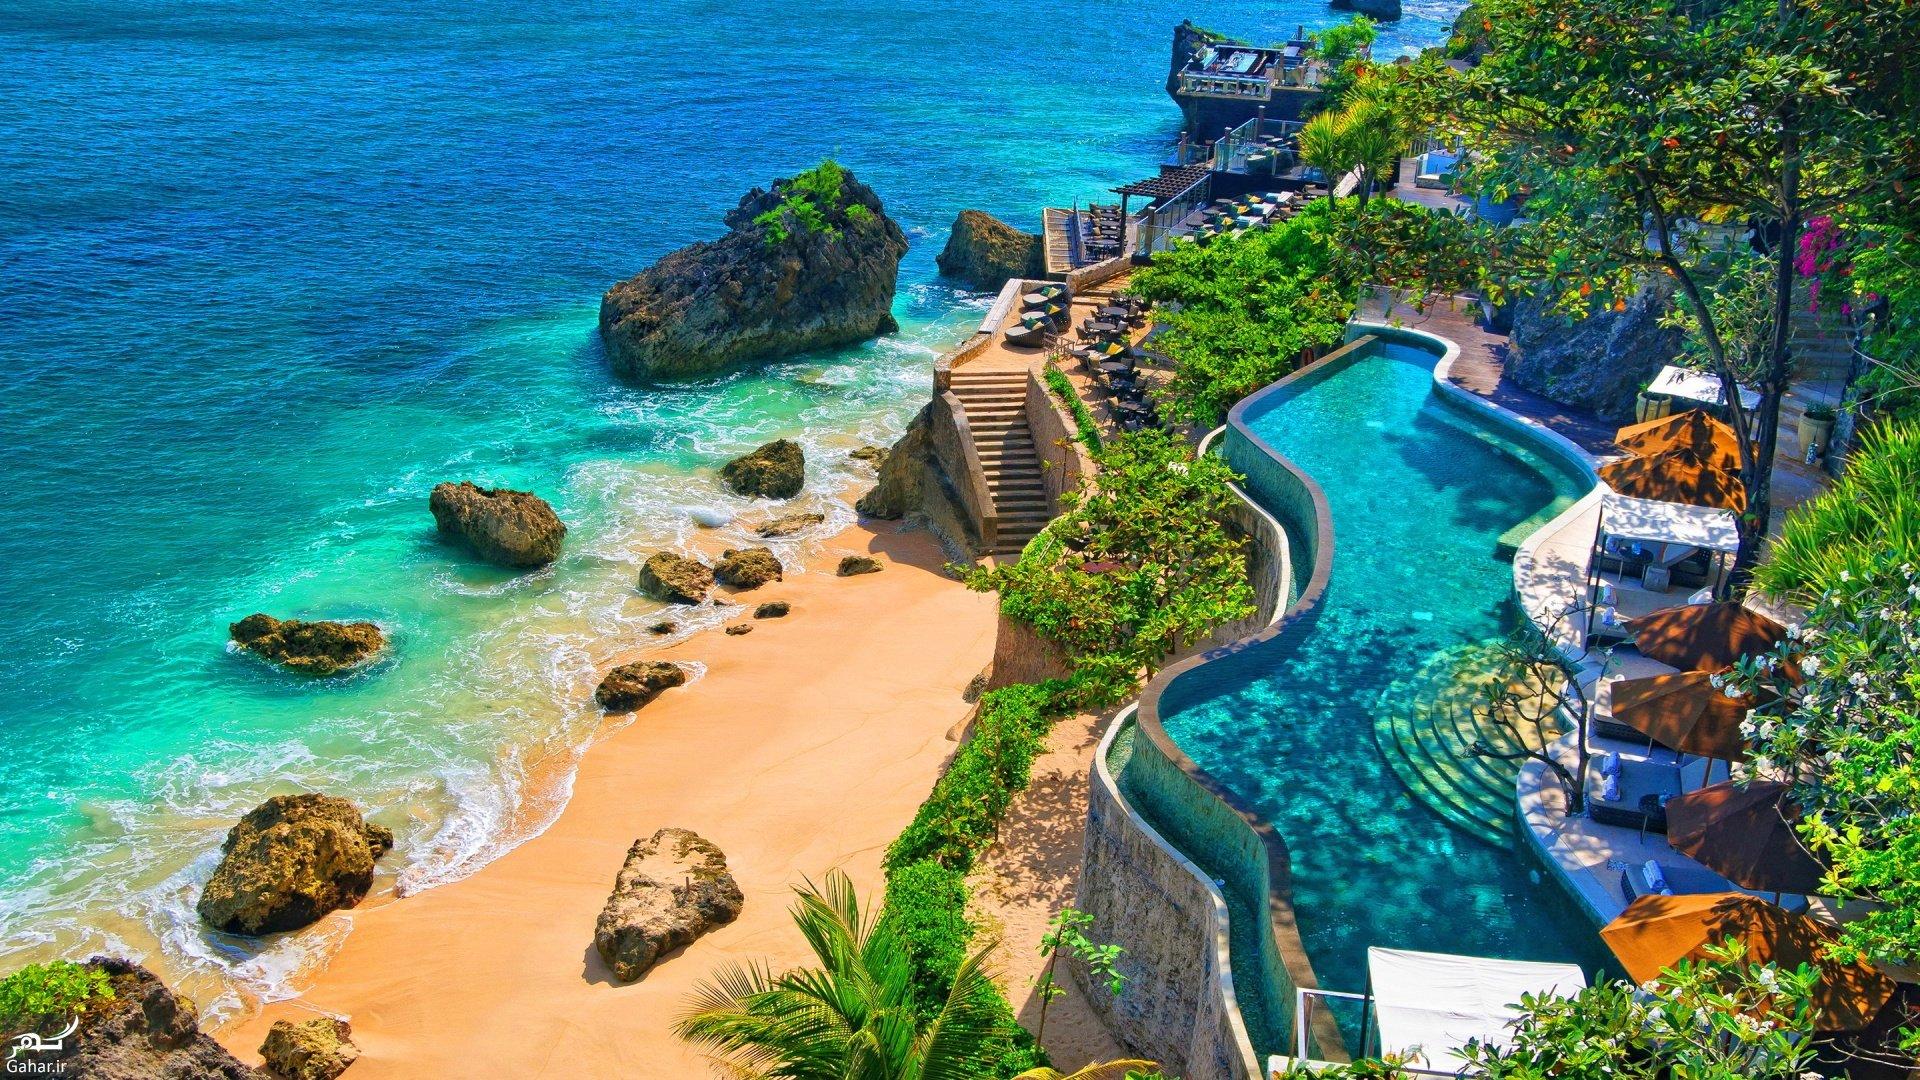 mataleb www.gahar .ir 19.10.97 4 جاذبه های گردشگری بالی را بشناسید